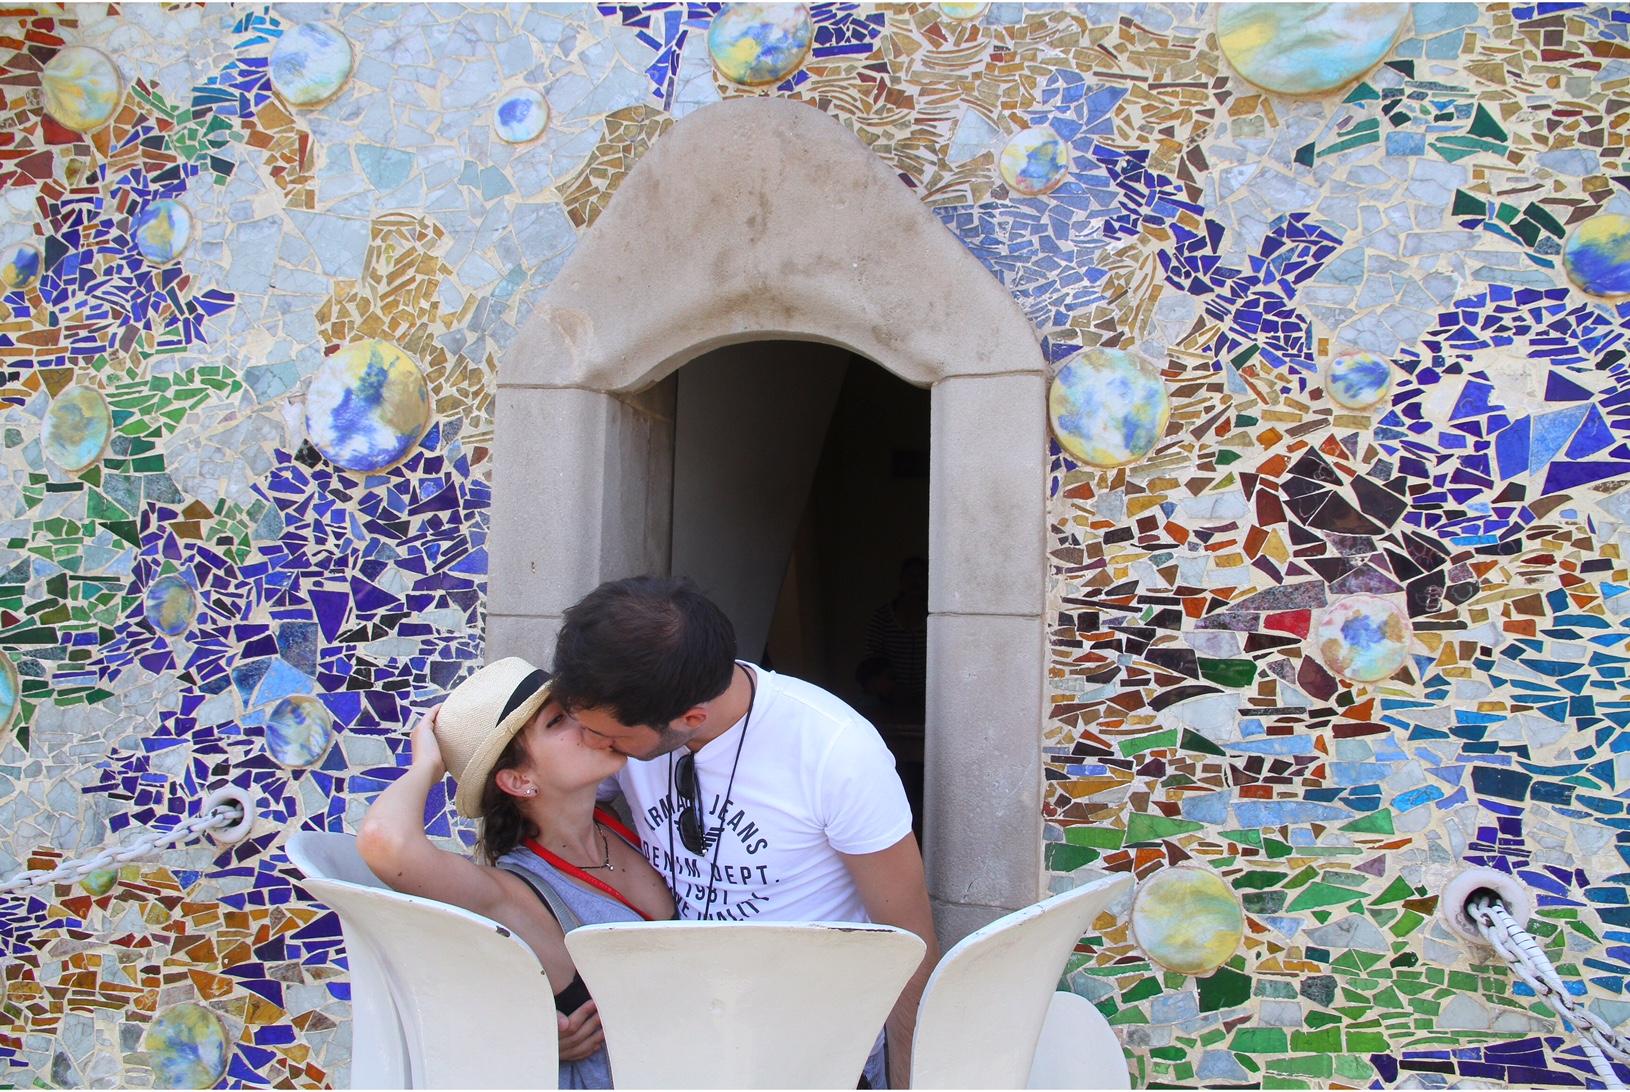 Kiss kiss at Cassa Batllo balcony